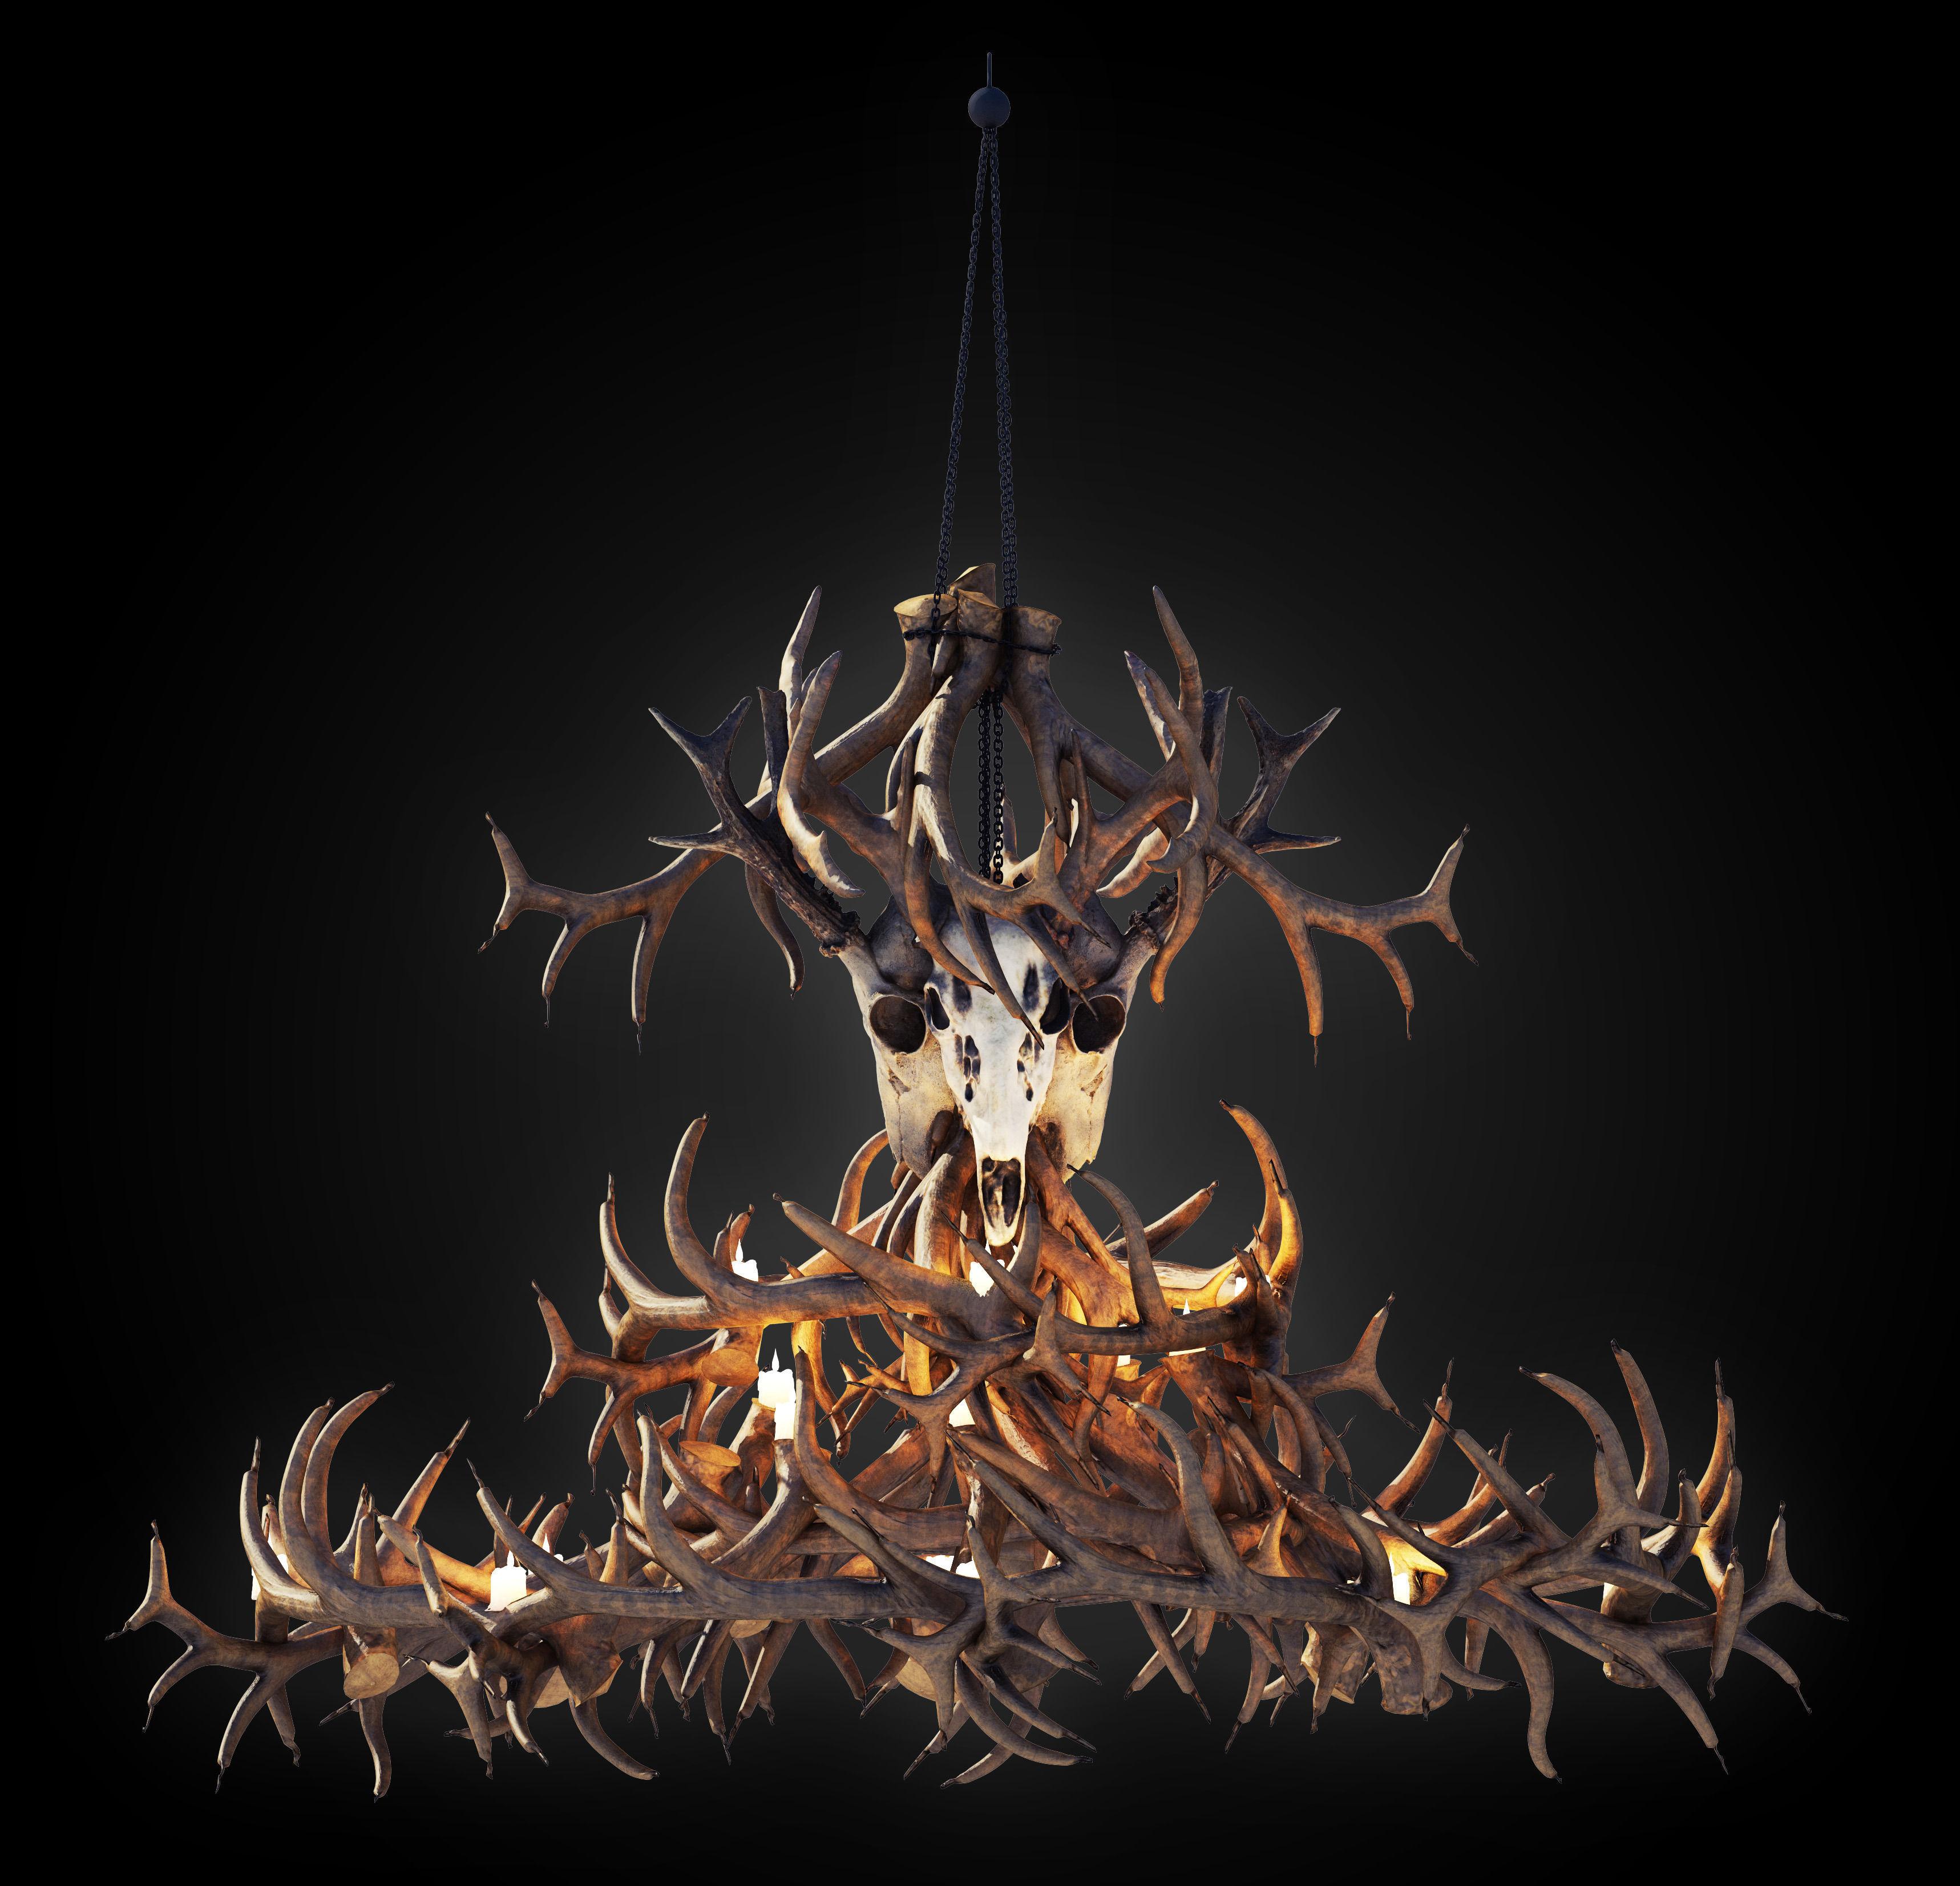 Antler chandelier 3d model cgtrader antler chandelier 3d model max obj fbx mtl 1 aloadofball Image collections